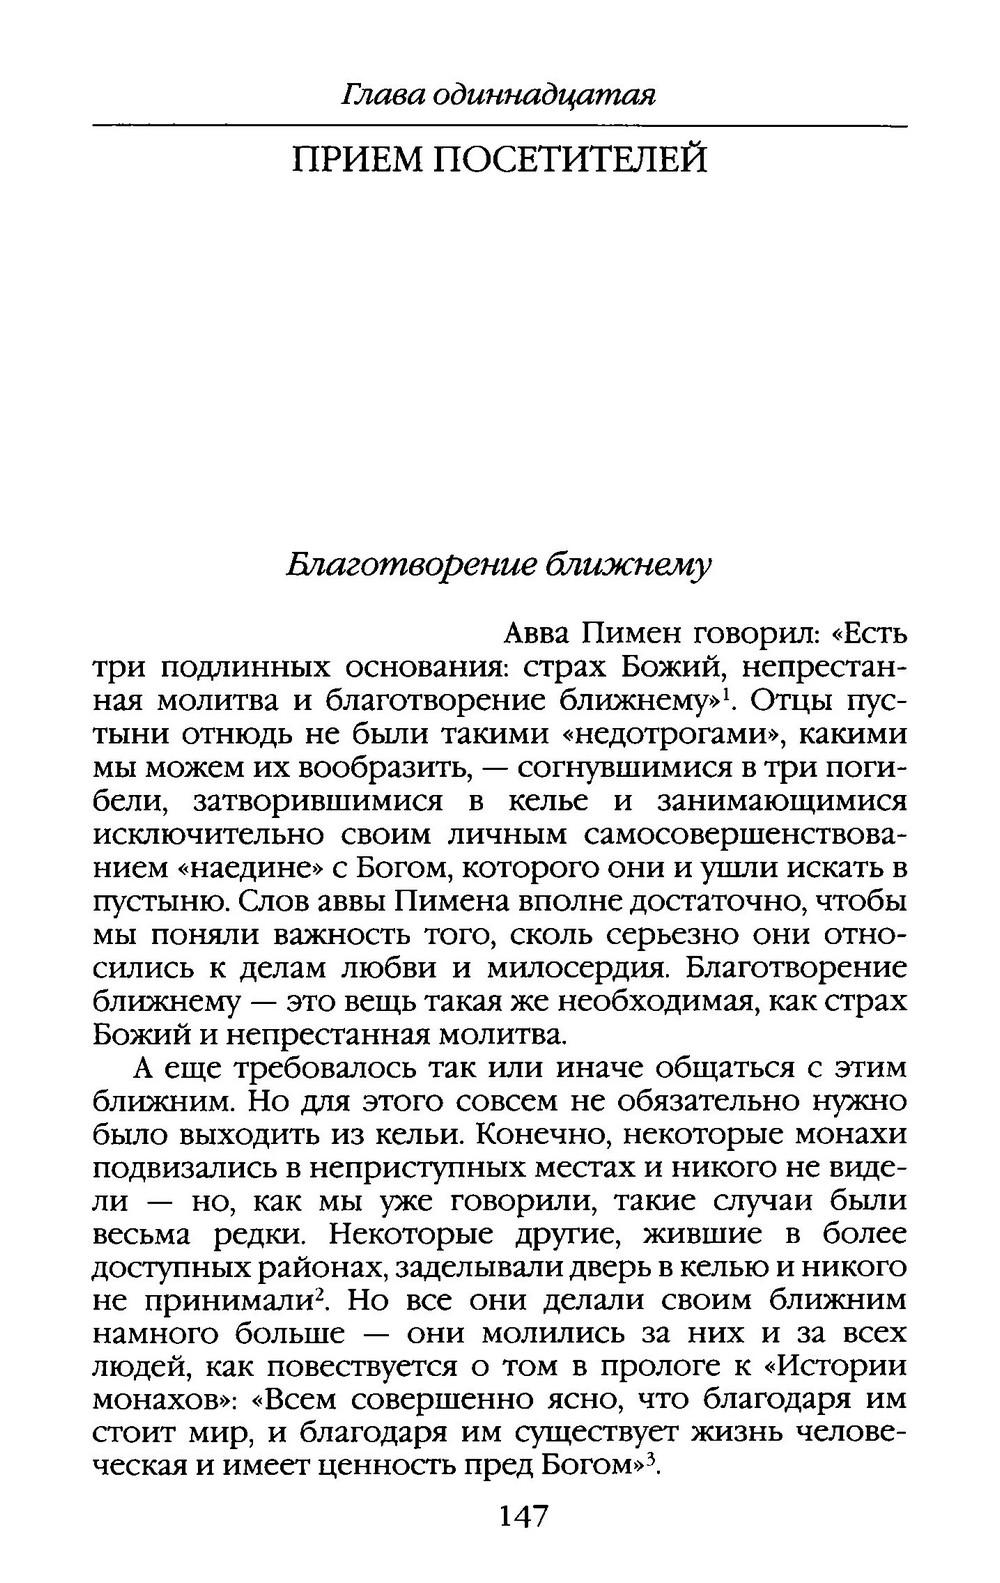 http://images.vfl.ru/ii/1363957568/f20fa6d4/1992298.jpg